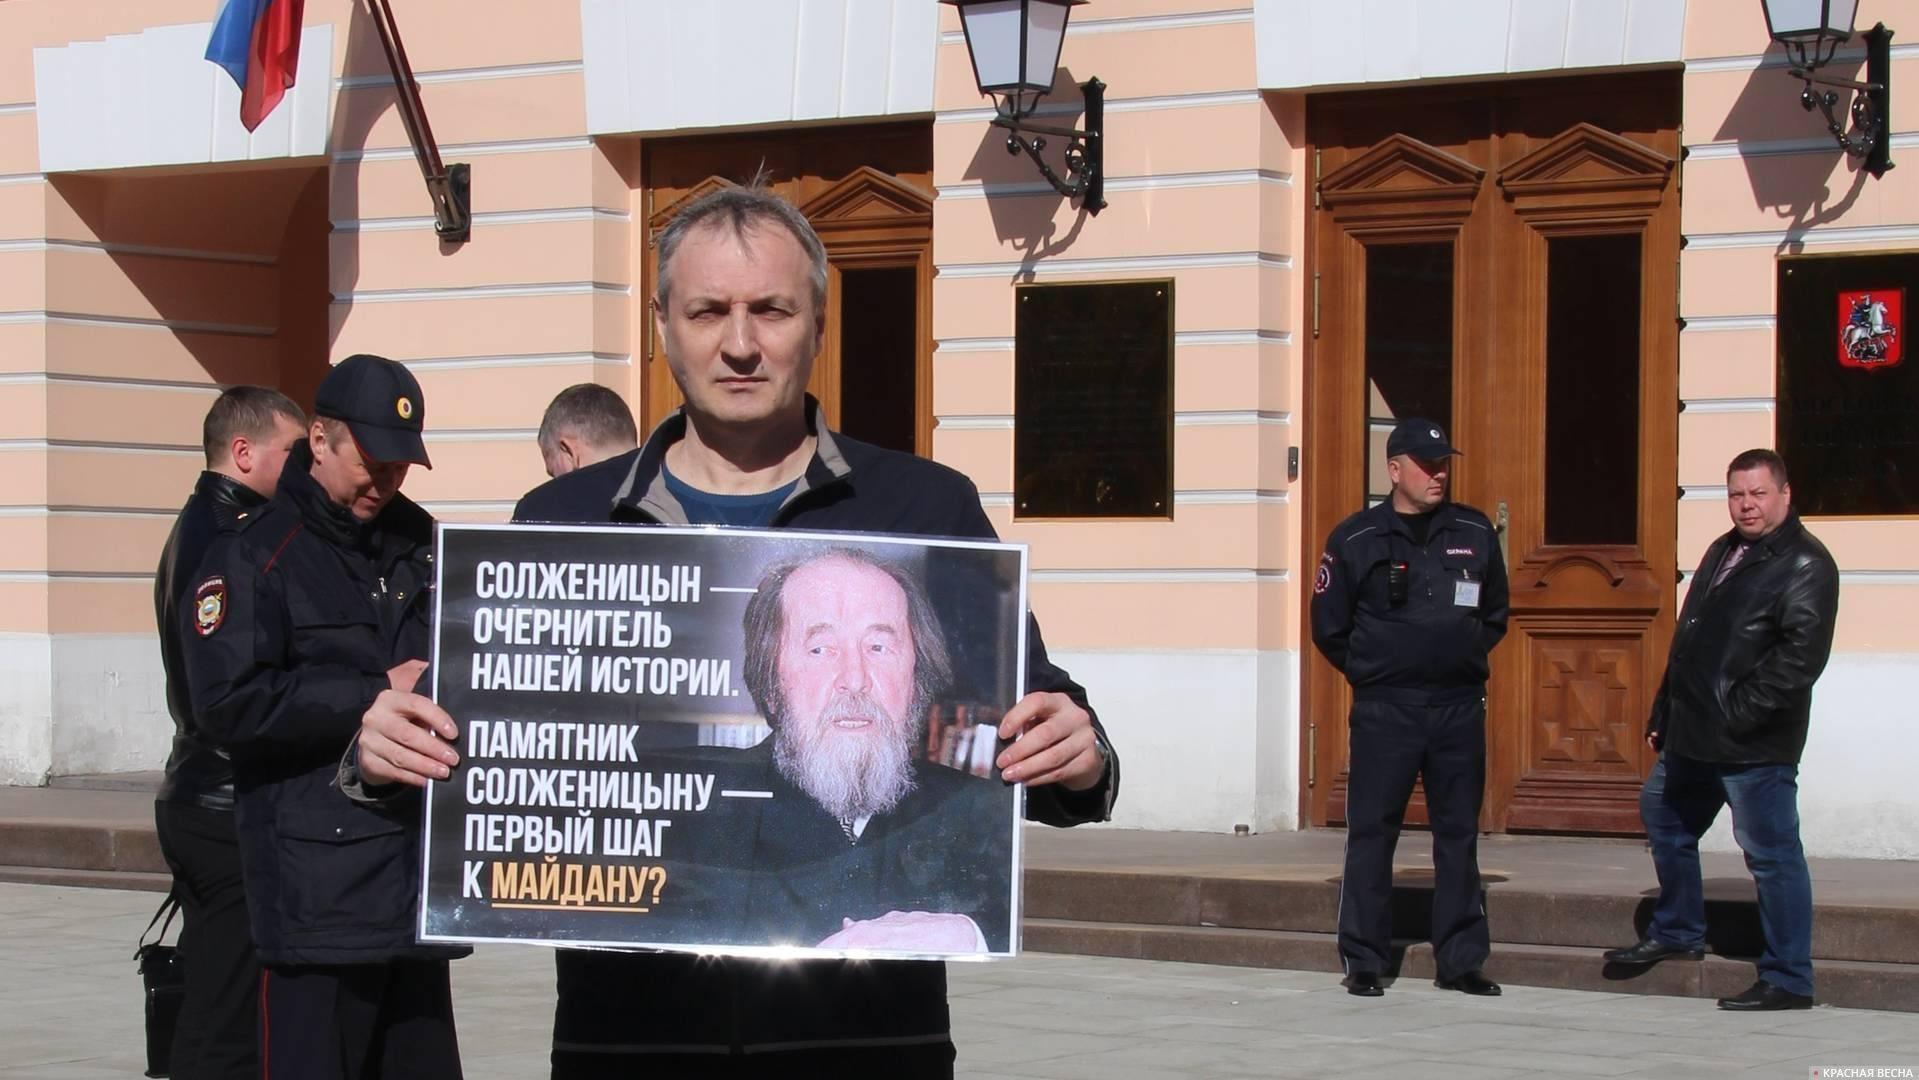 Пикет движения «Суть времени» против установки памятника Солженицыну в Москве. 27 апреля 2018 года, Москва